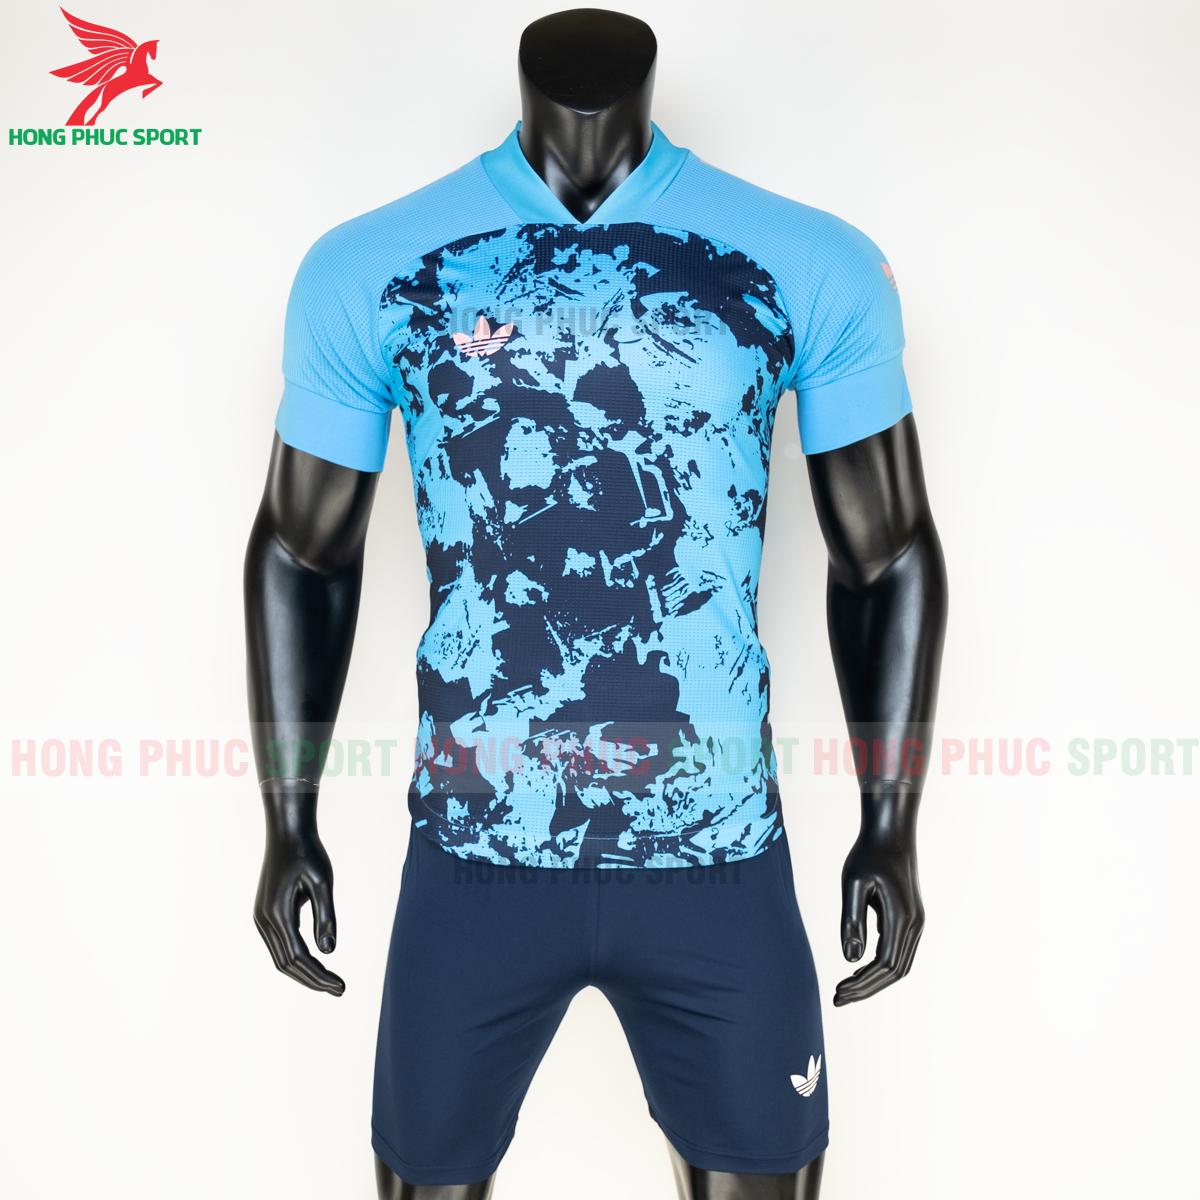 Áo đá banh không logo Condivo ba lá Adidas 2020 2021 mẫu 5 (trước)